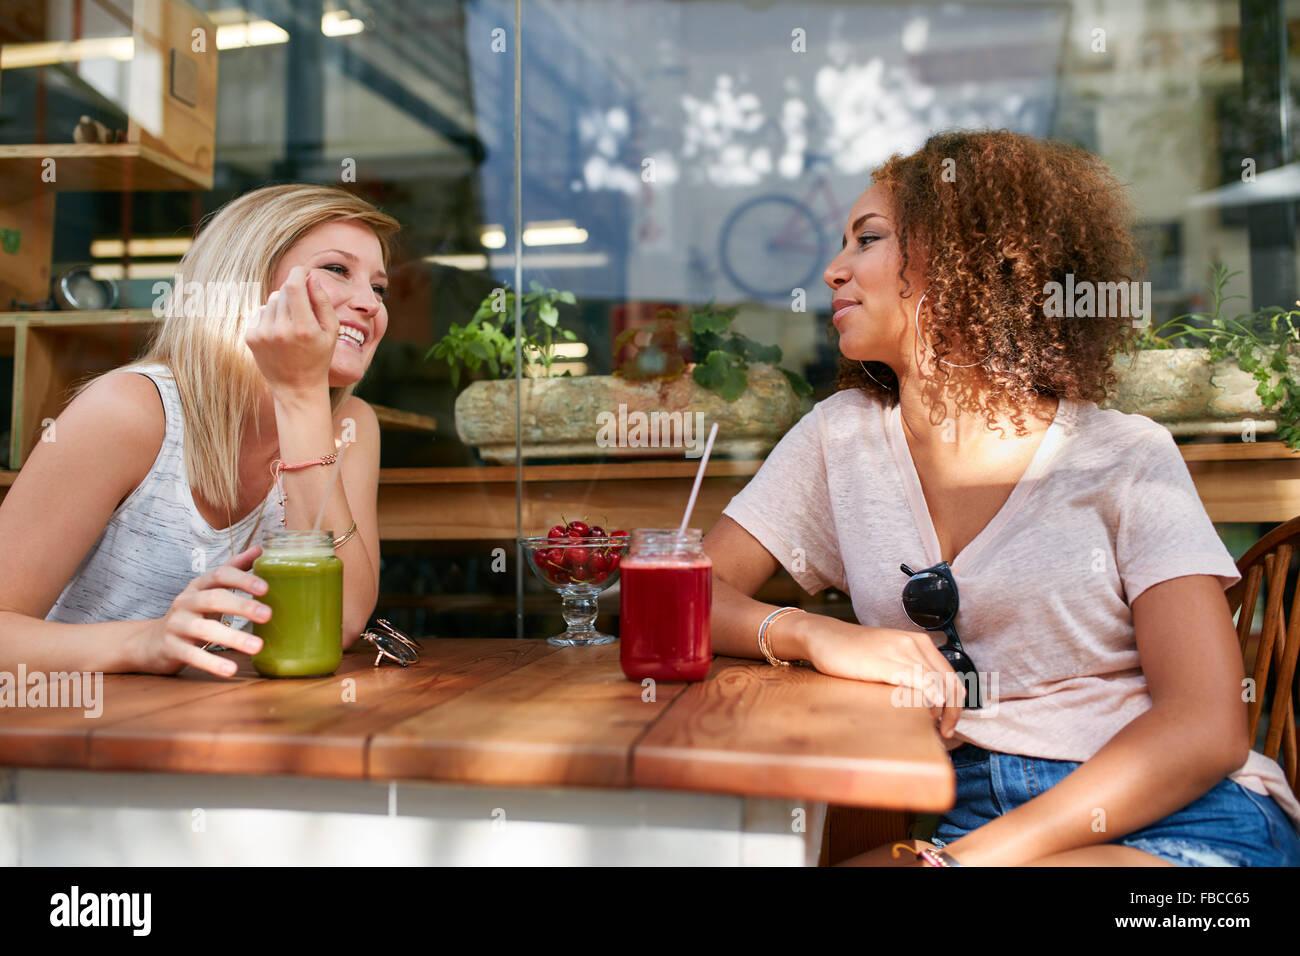 Due felici donne seduti in un ristorante all'aperto. Femmina gli amici sorseggiando un drink e chiacchierare Immagini Stock